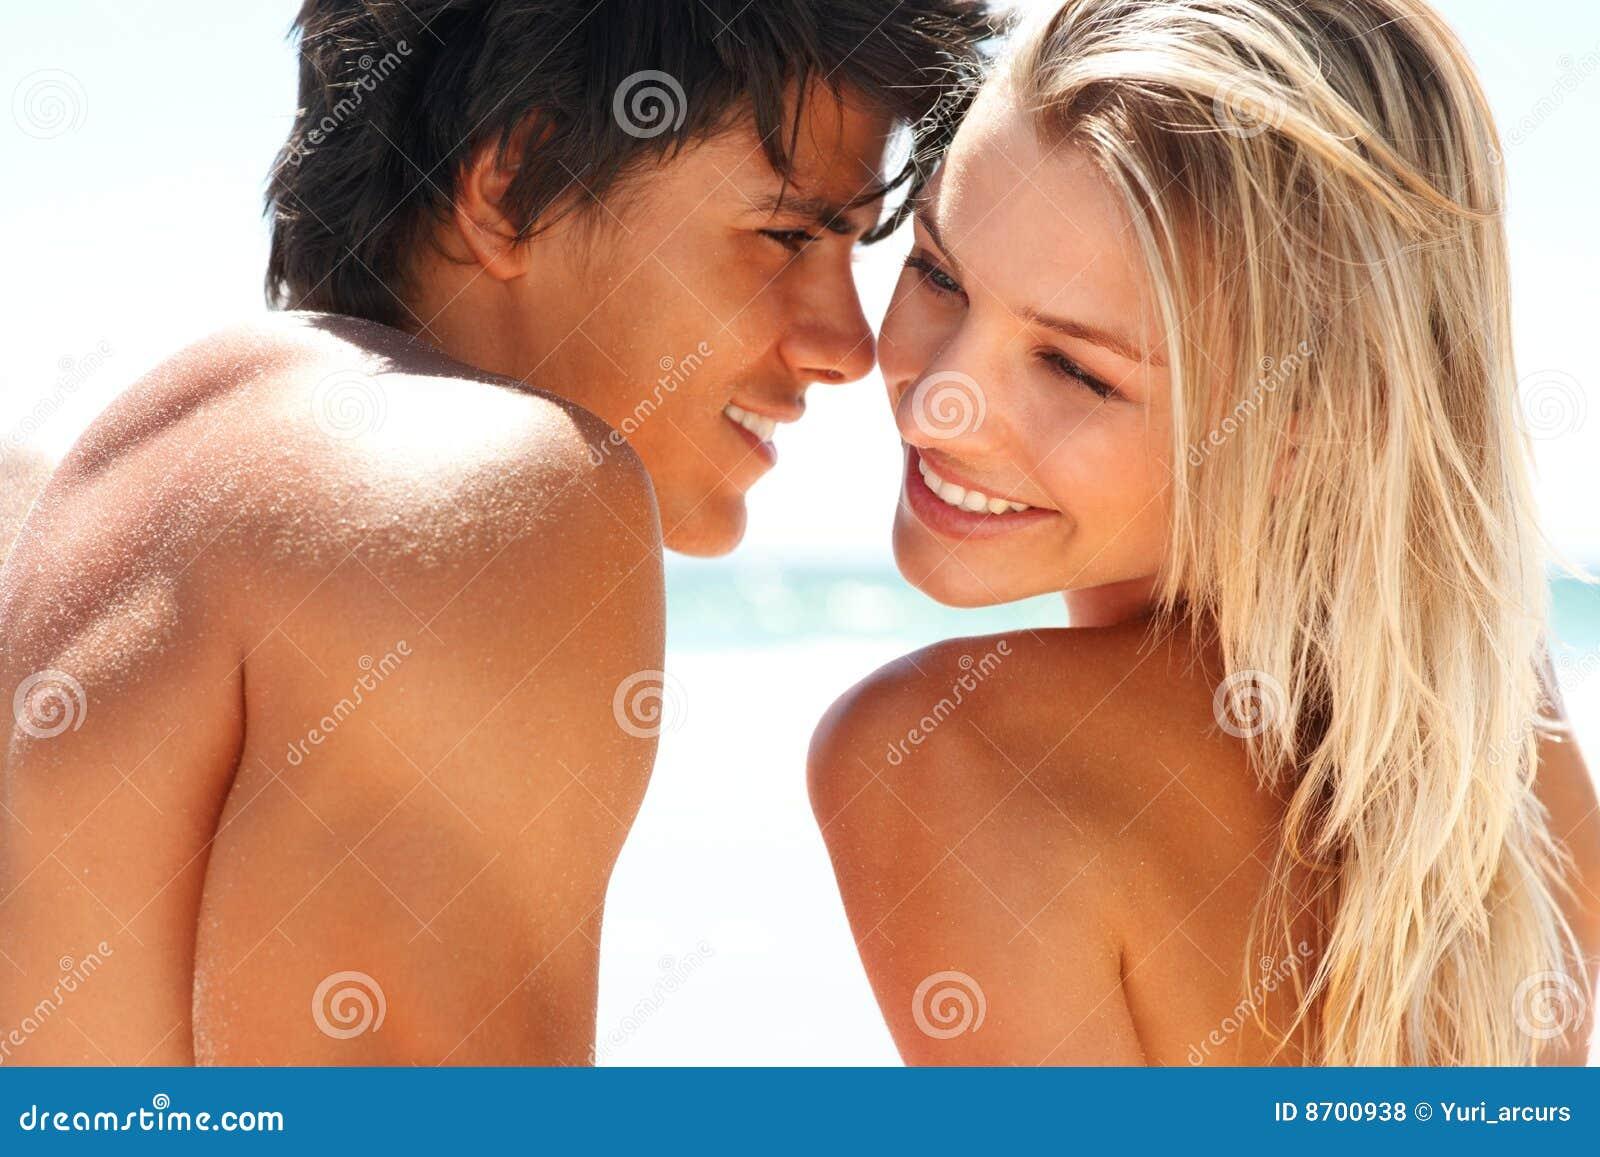 Сексуальный комплимент девушке 11 фотография